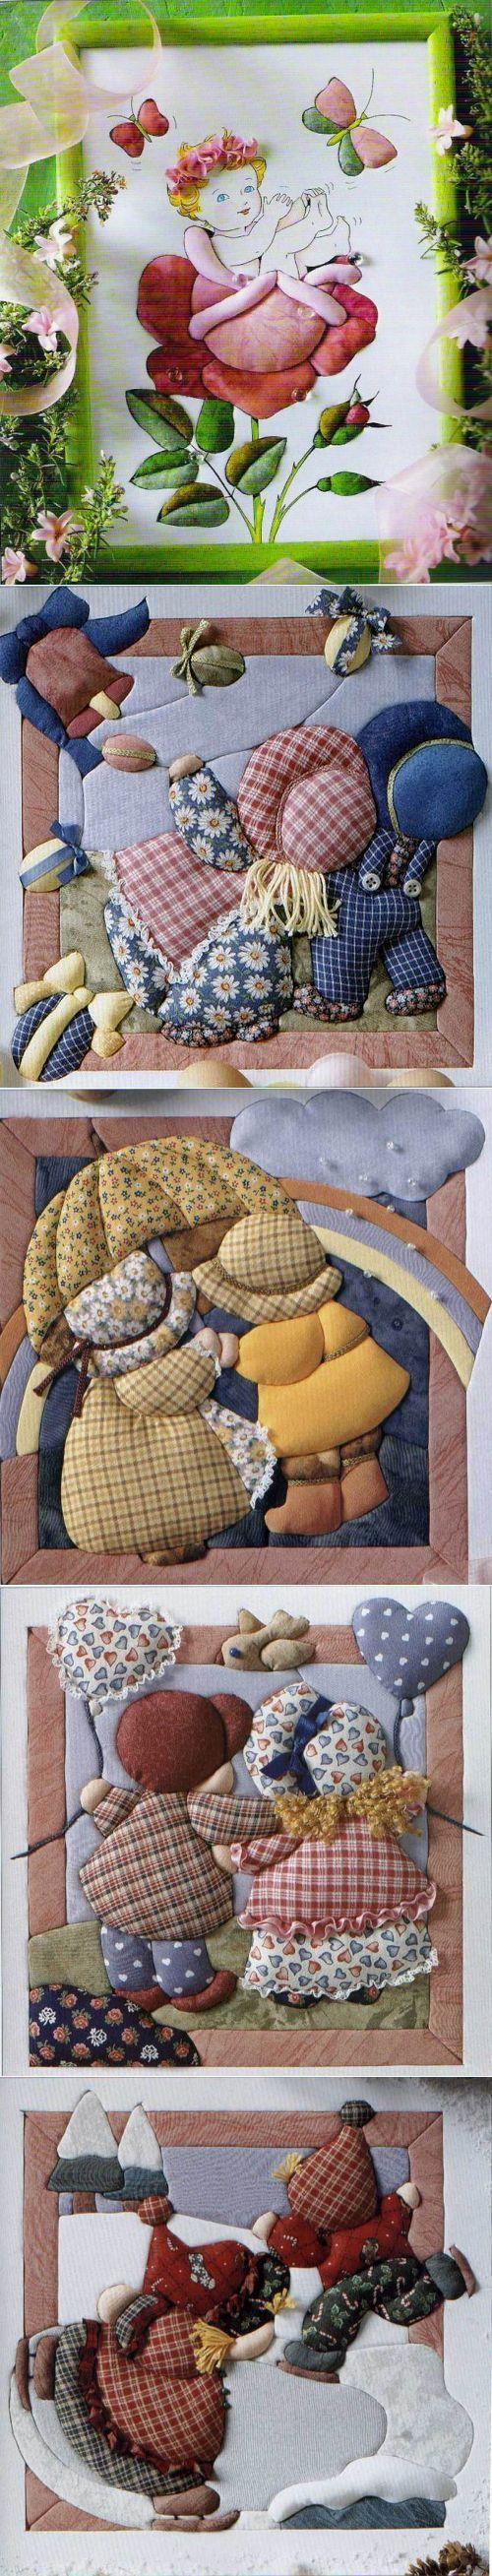 Лоскутные картины в японском стиле кинусайга — Рукоделие